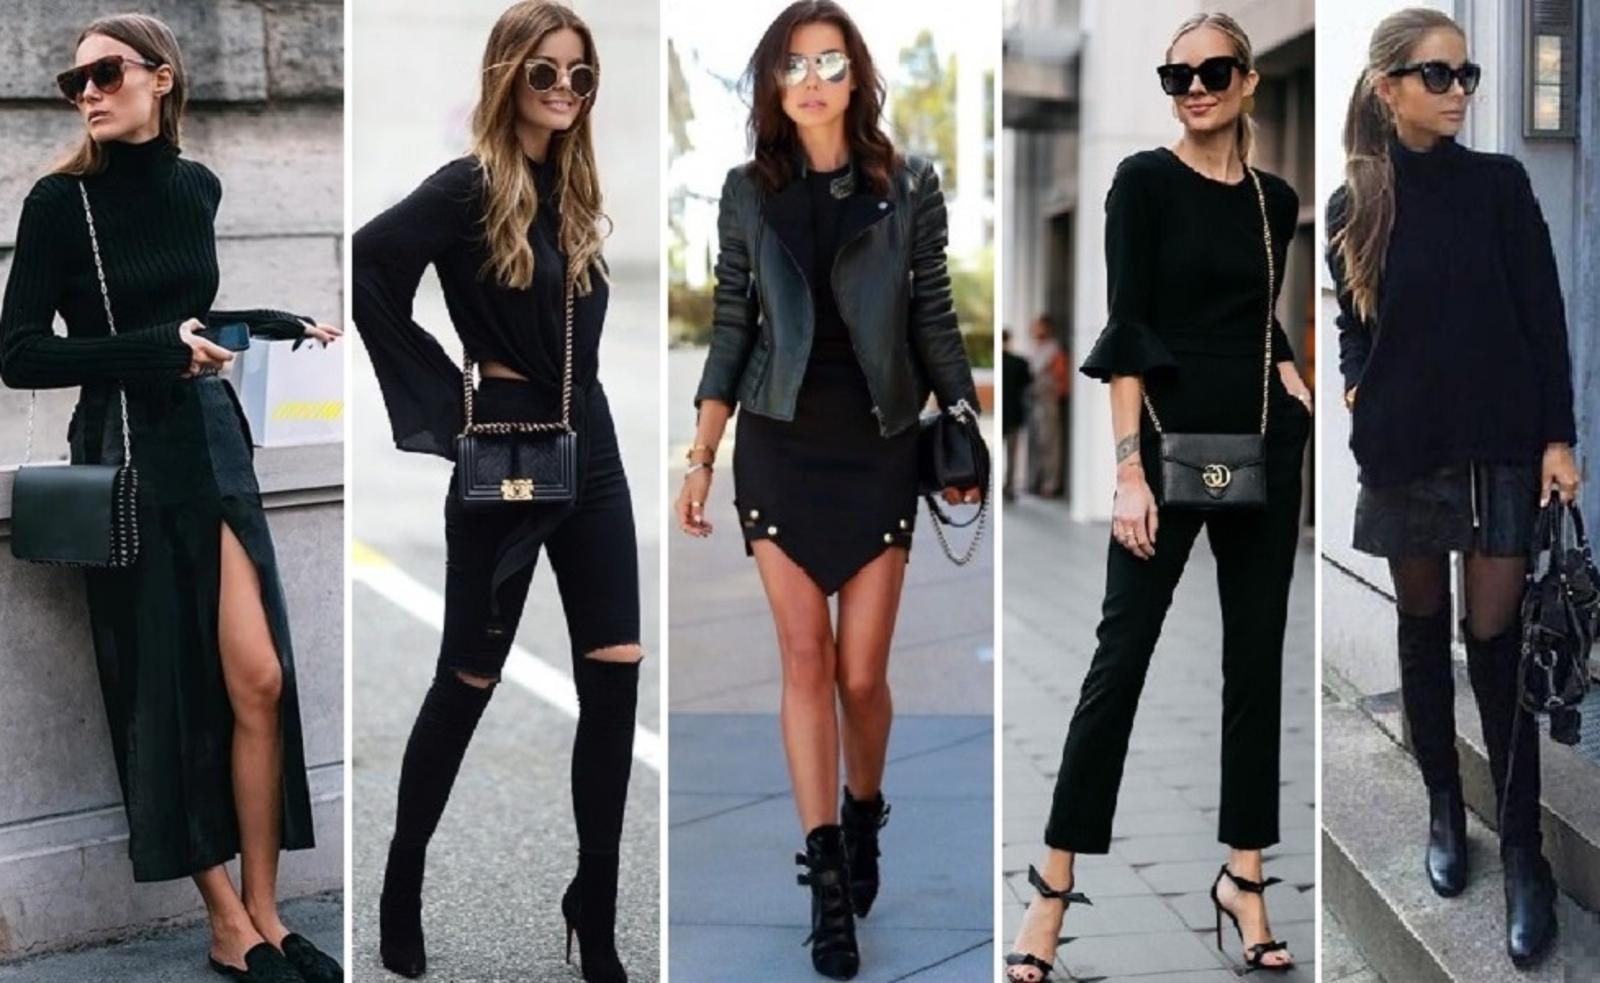 Люди в черном! С чем носить total black, чтобы выглядеть ярко и стильно